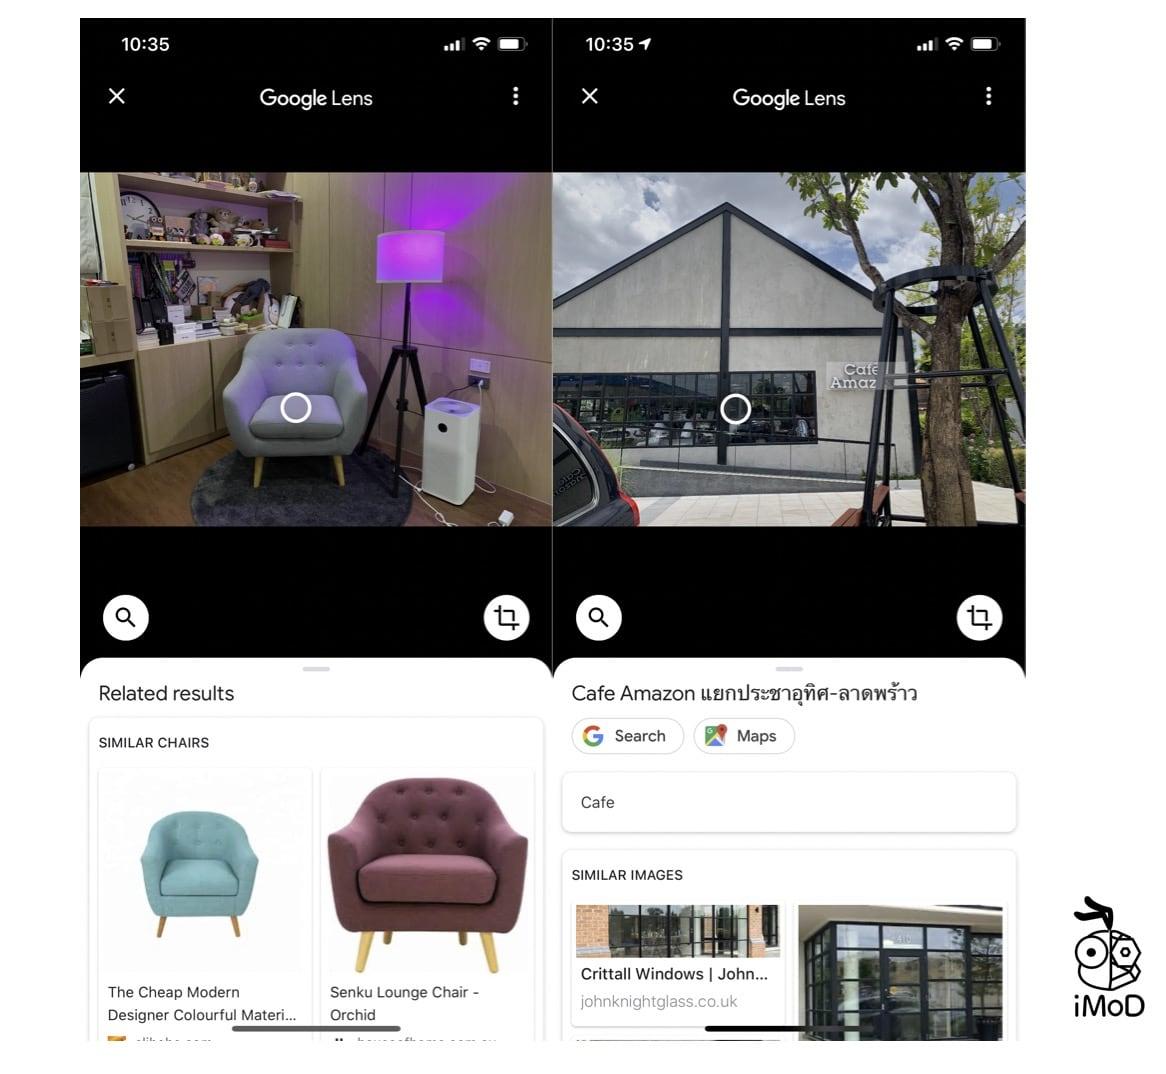 Google Lens In Google Photos